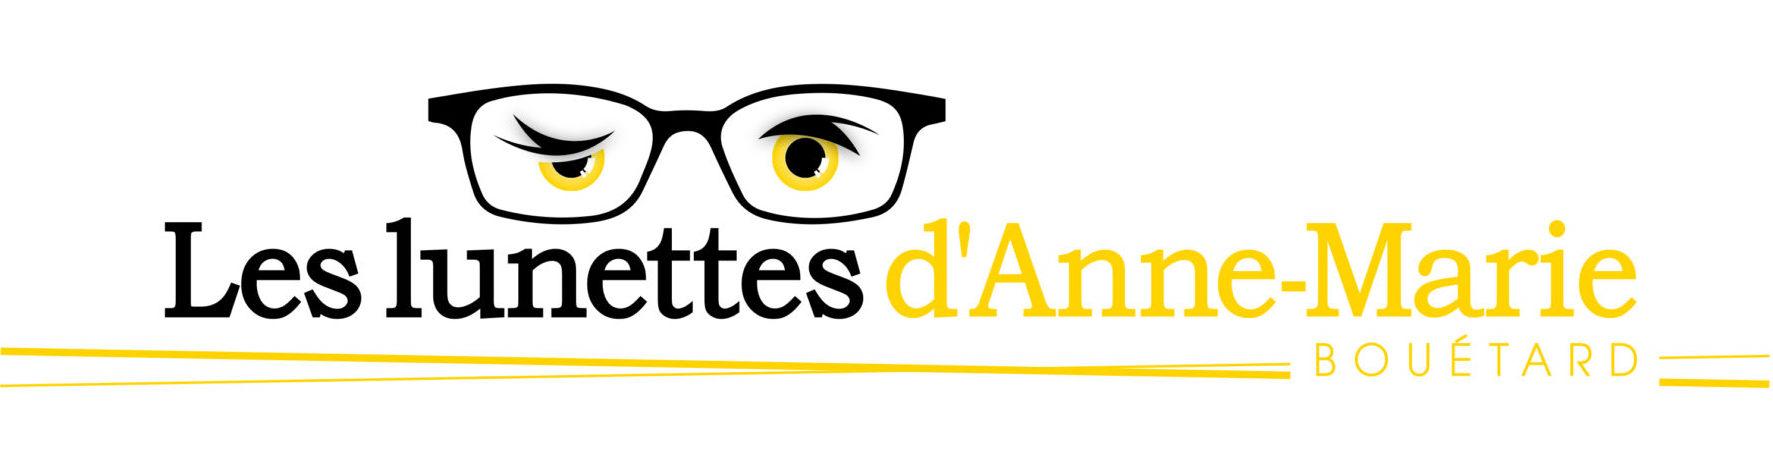 Les Lunettes d'Anne-Marie